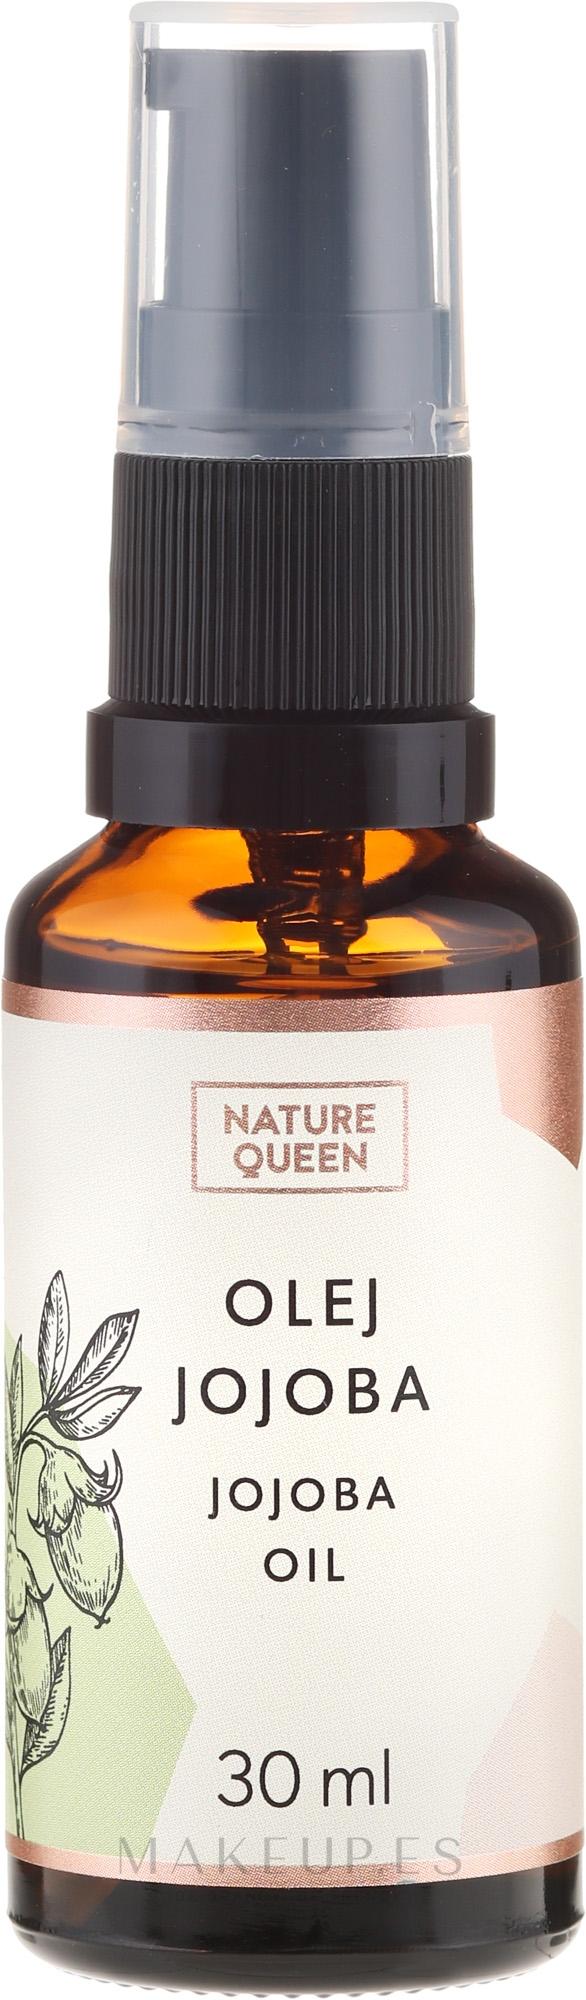 Aceite de jojoba - Nature Queen Jojoba Oil — imagen 30 ml